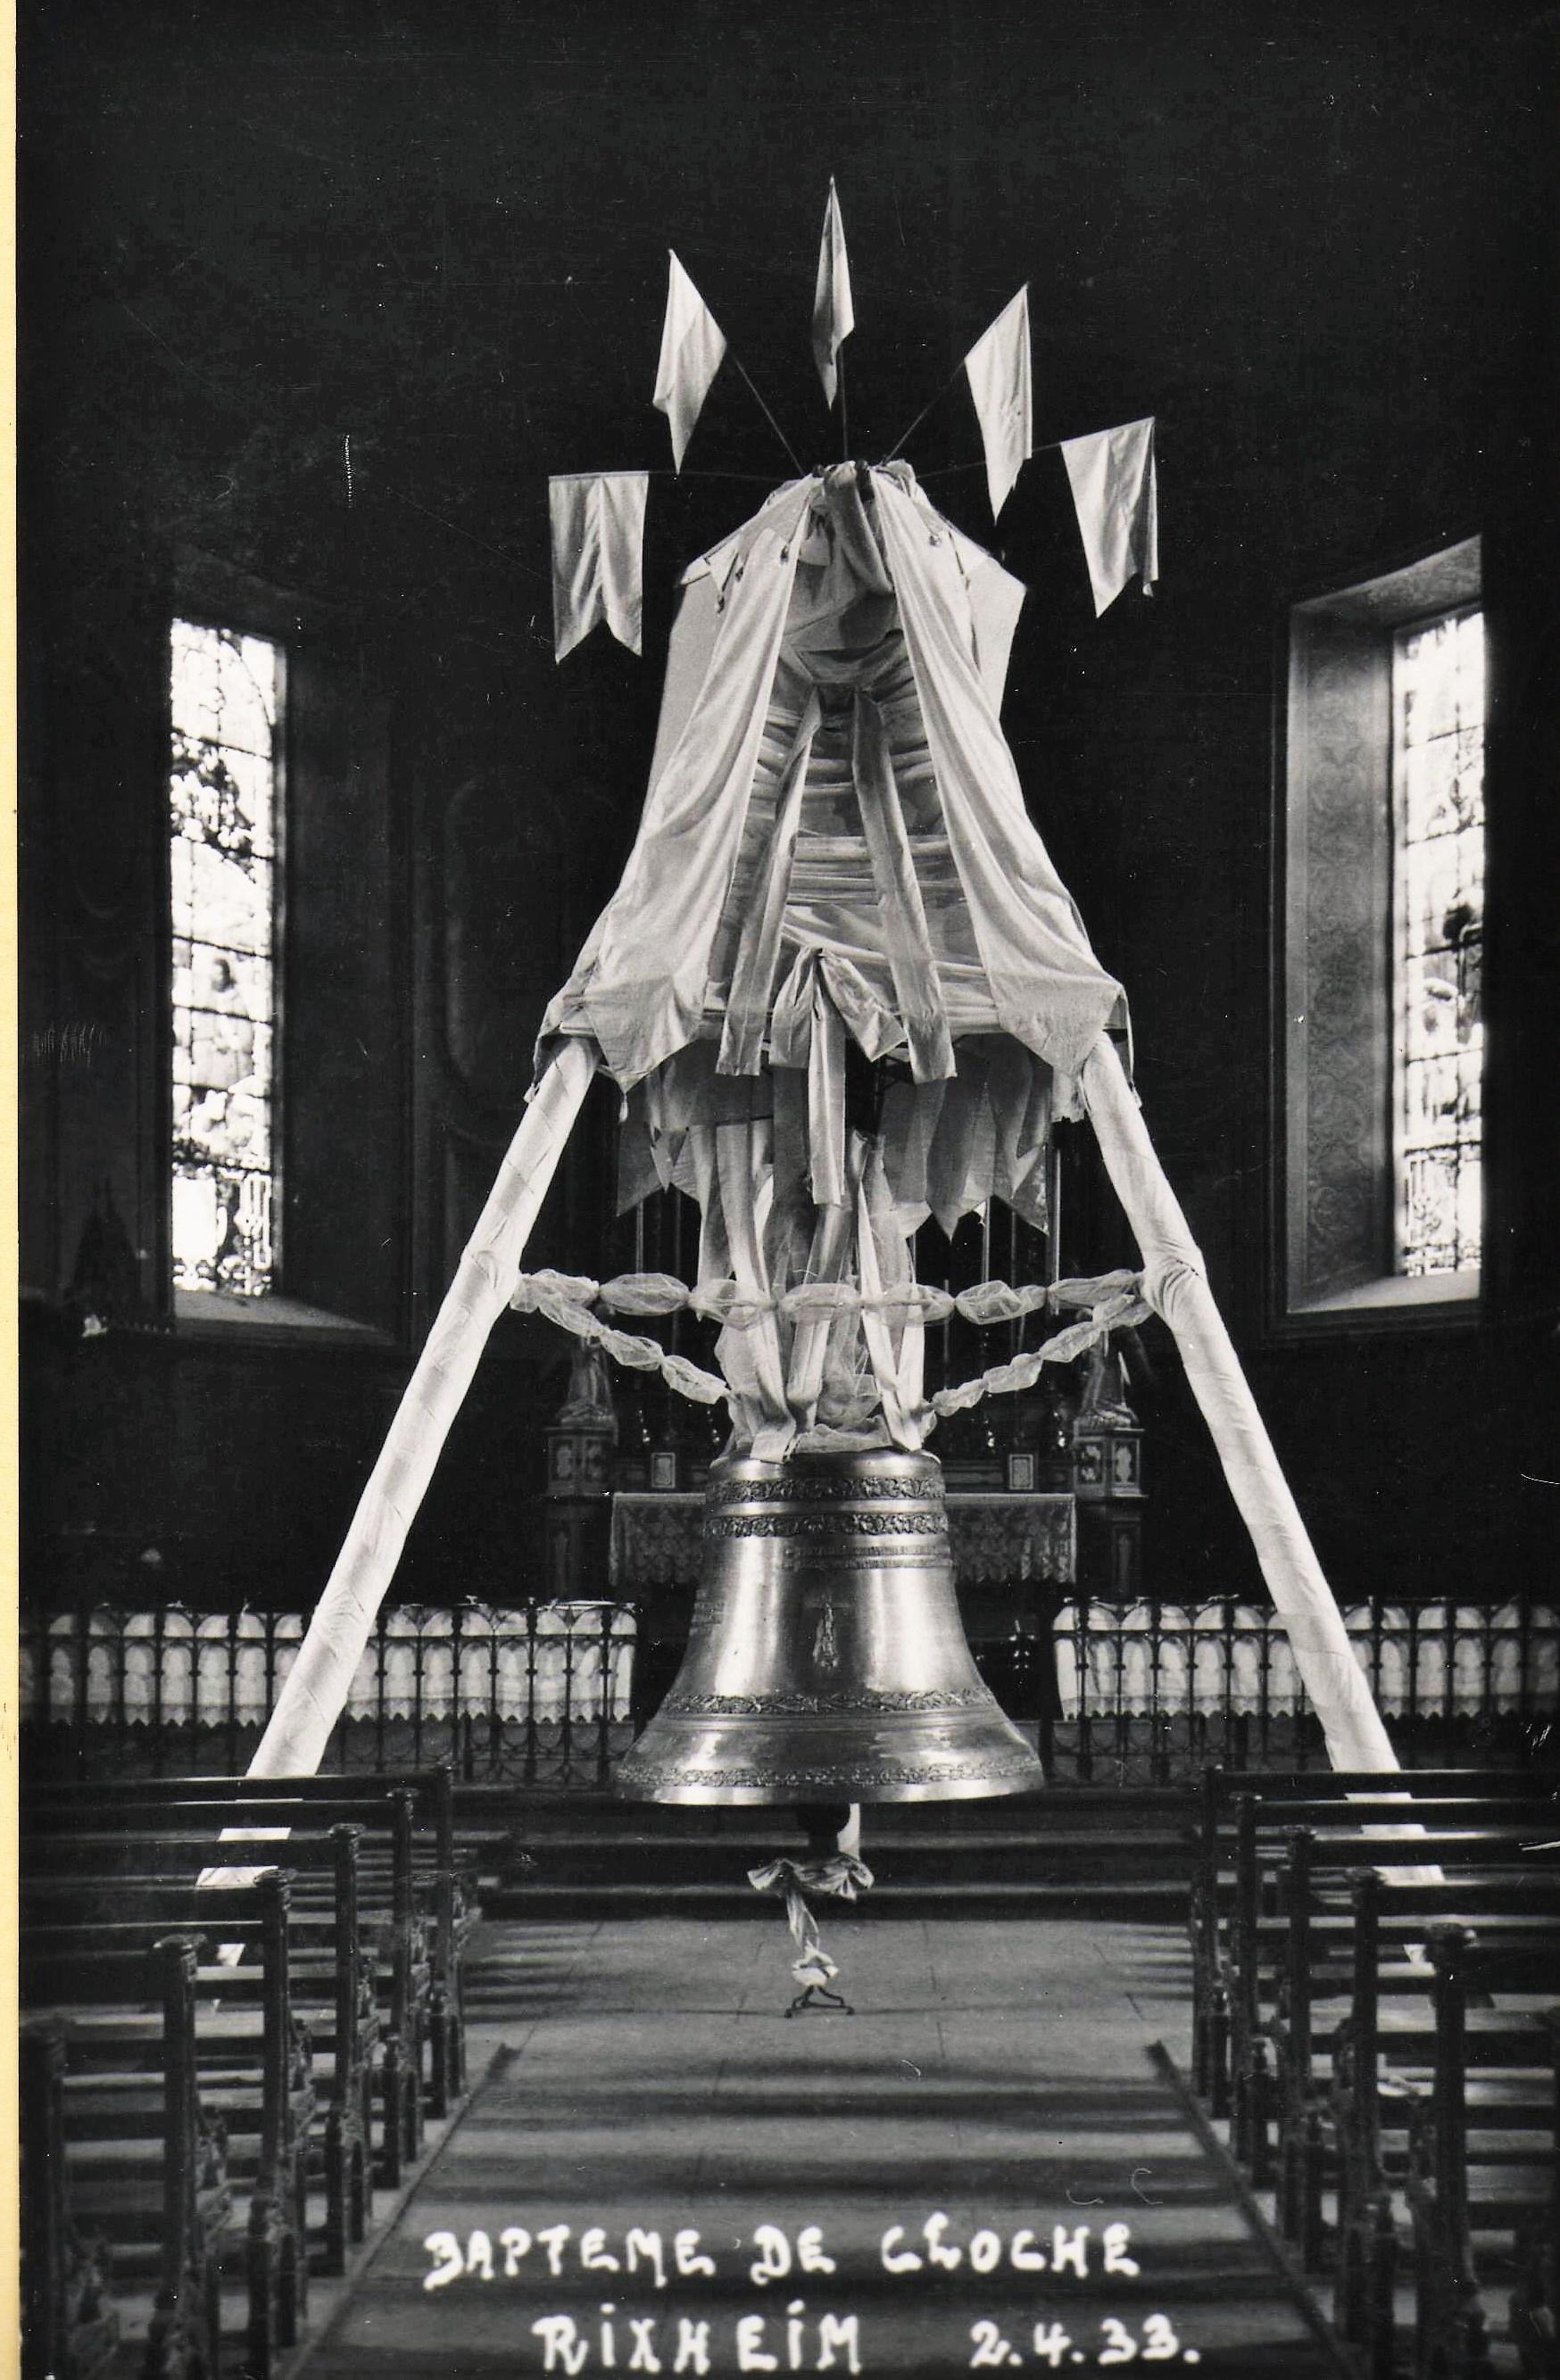 La bénédiciton de la nouvelle clcohe du Rosaire a lieu le dimanche 2 avril 1933.